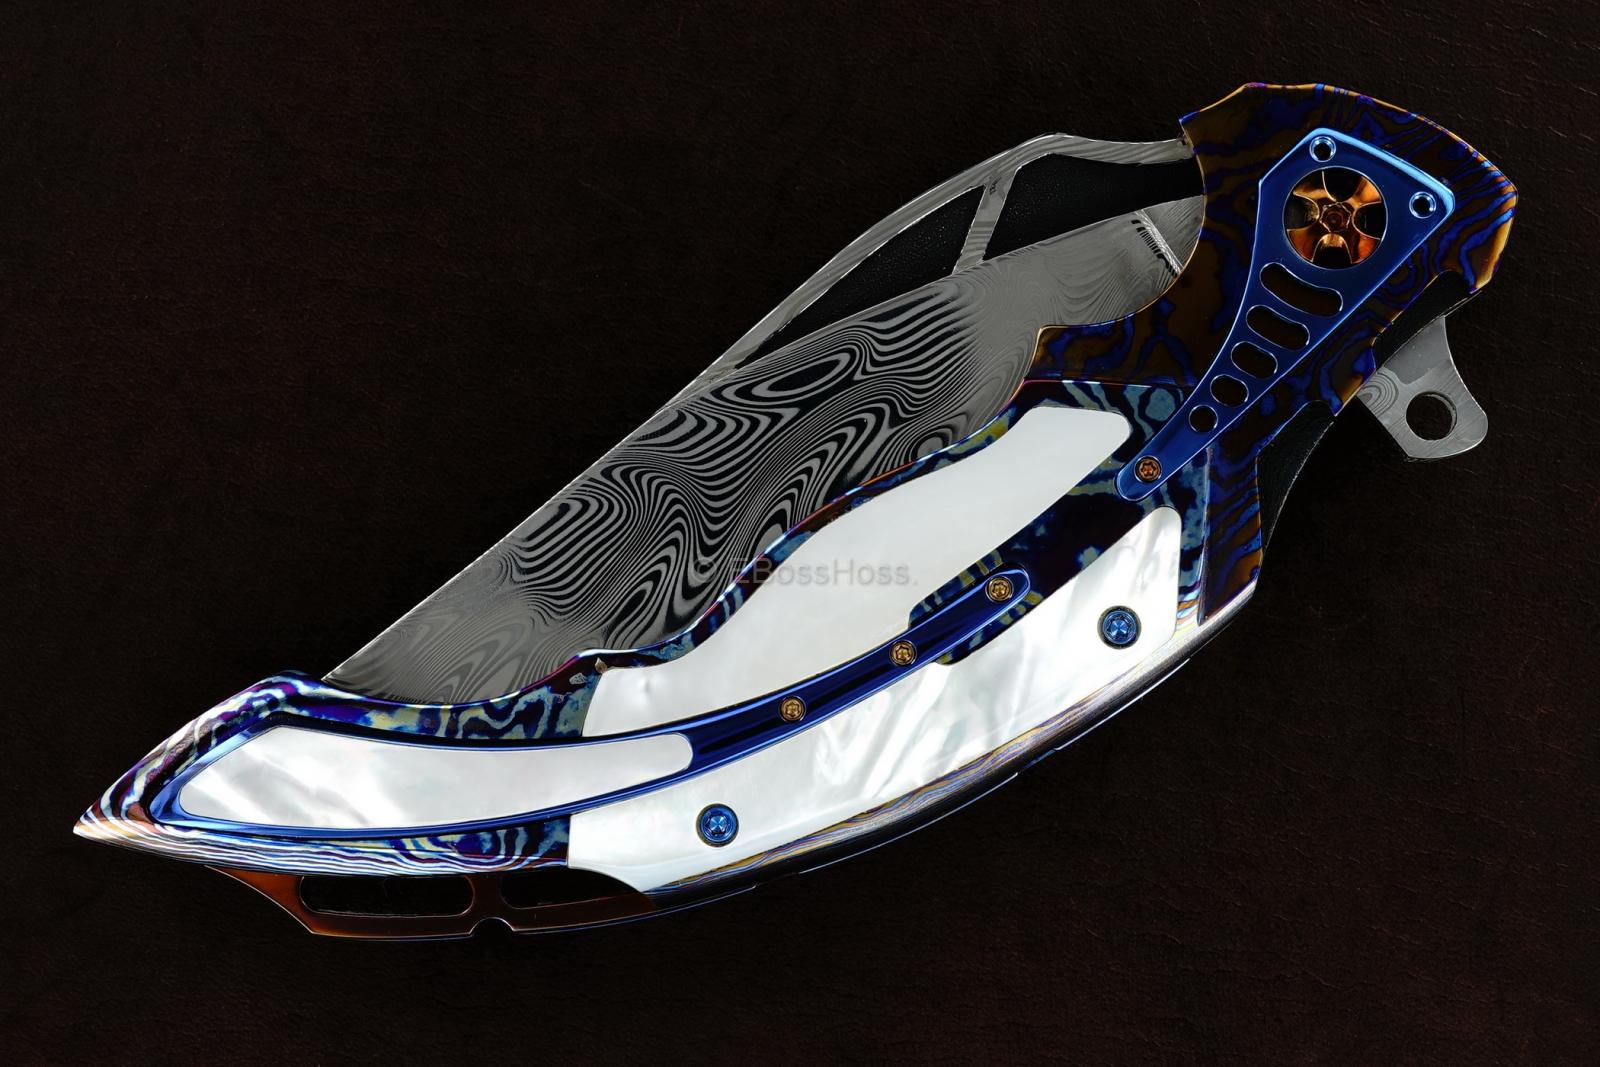 Ronald Best Custom Very Deluxe Phaze 3-2 Flipper